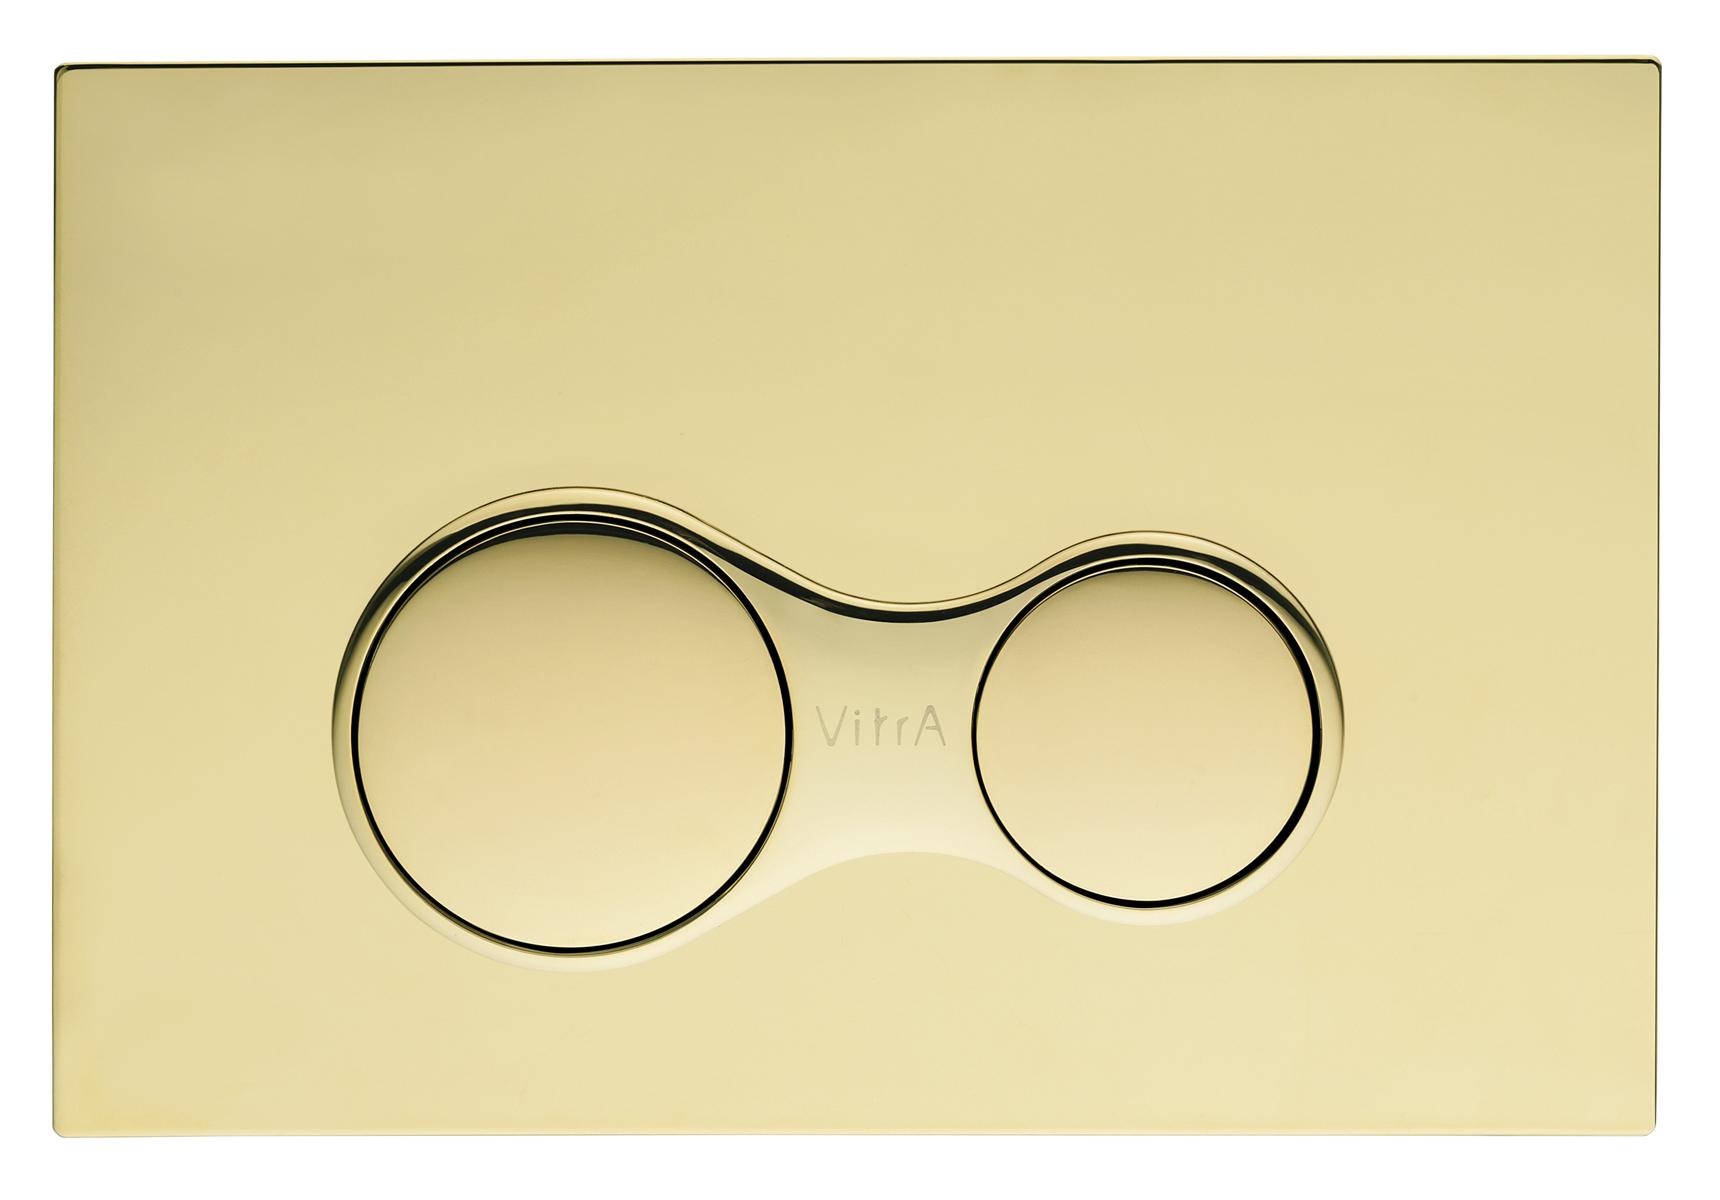 Sirius Panneau de commande 3/6 l, modèle mecanique, doré